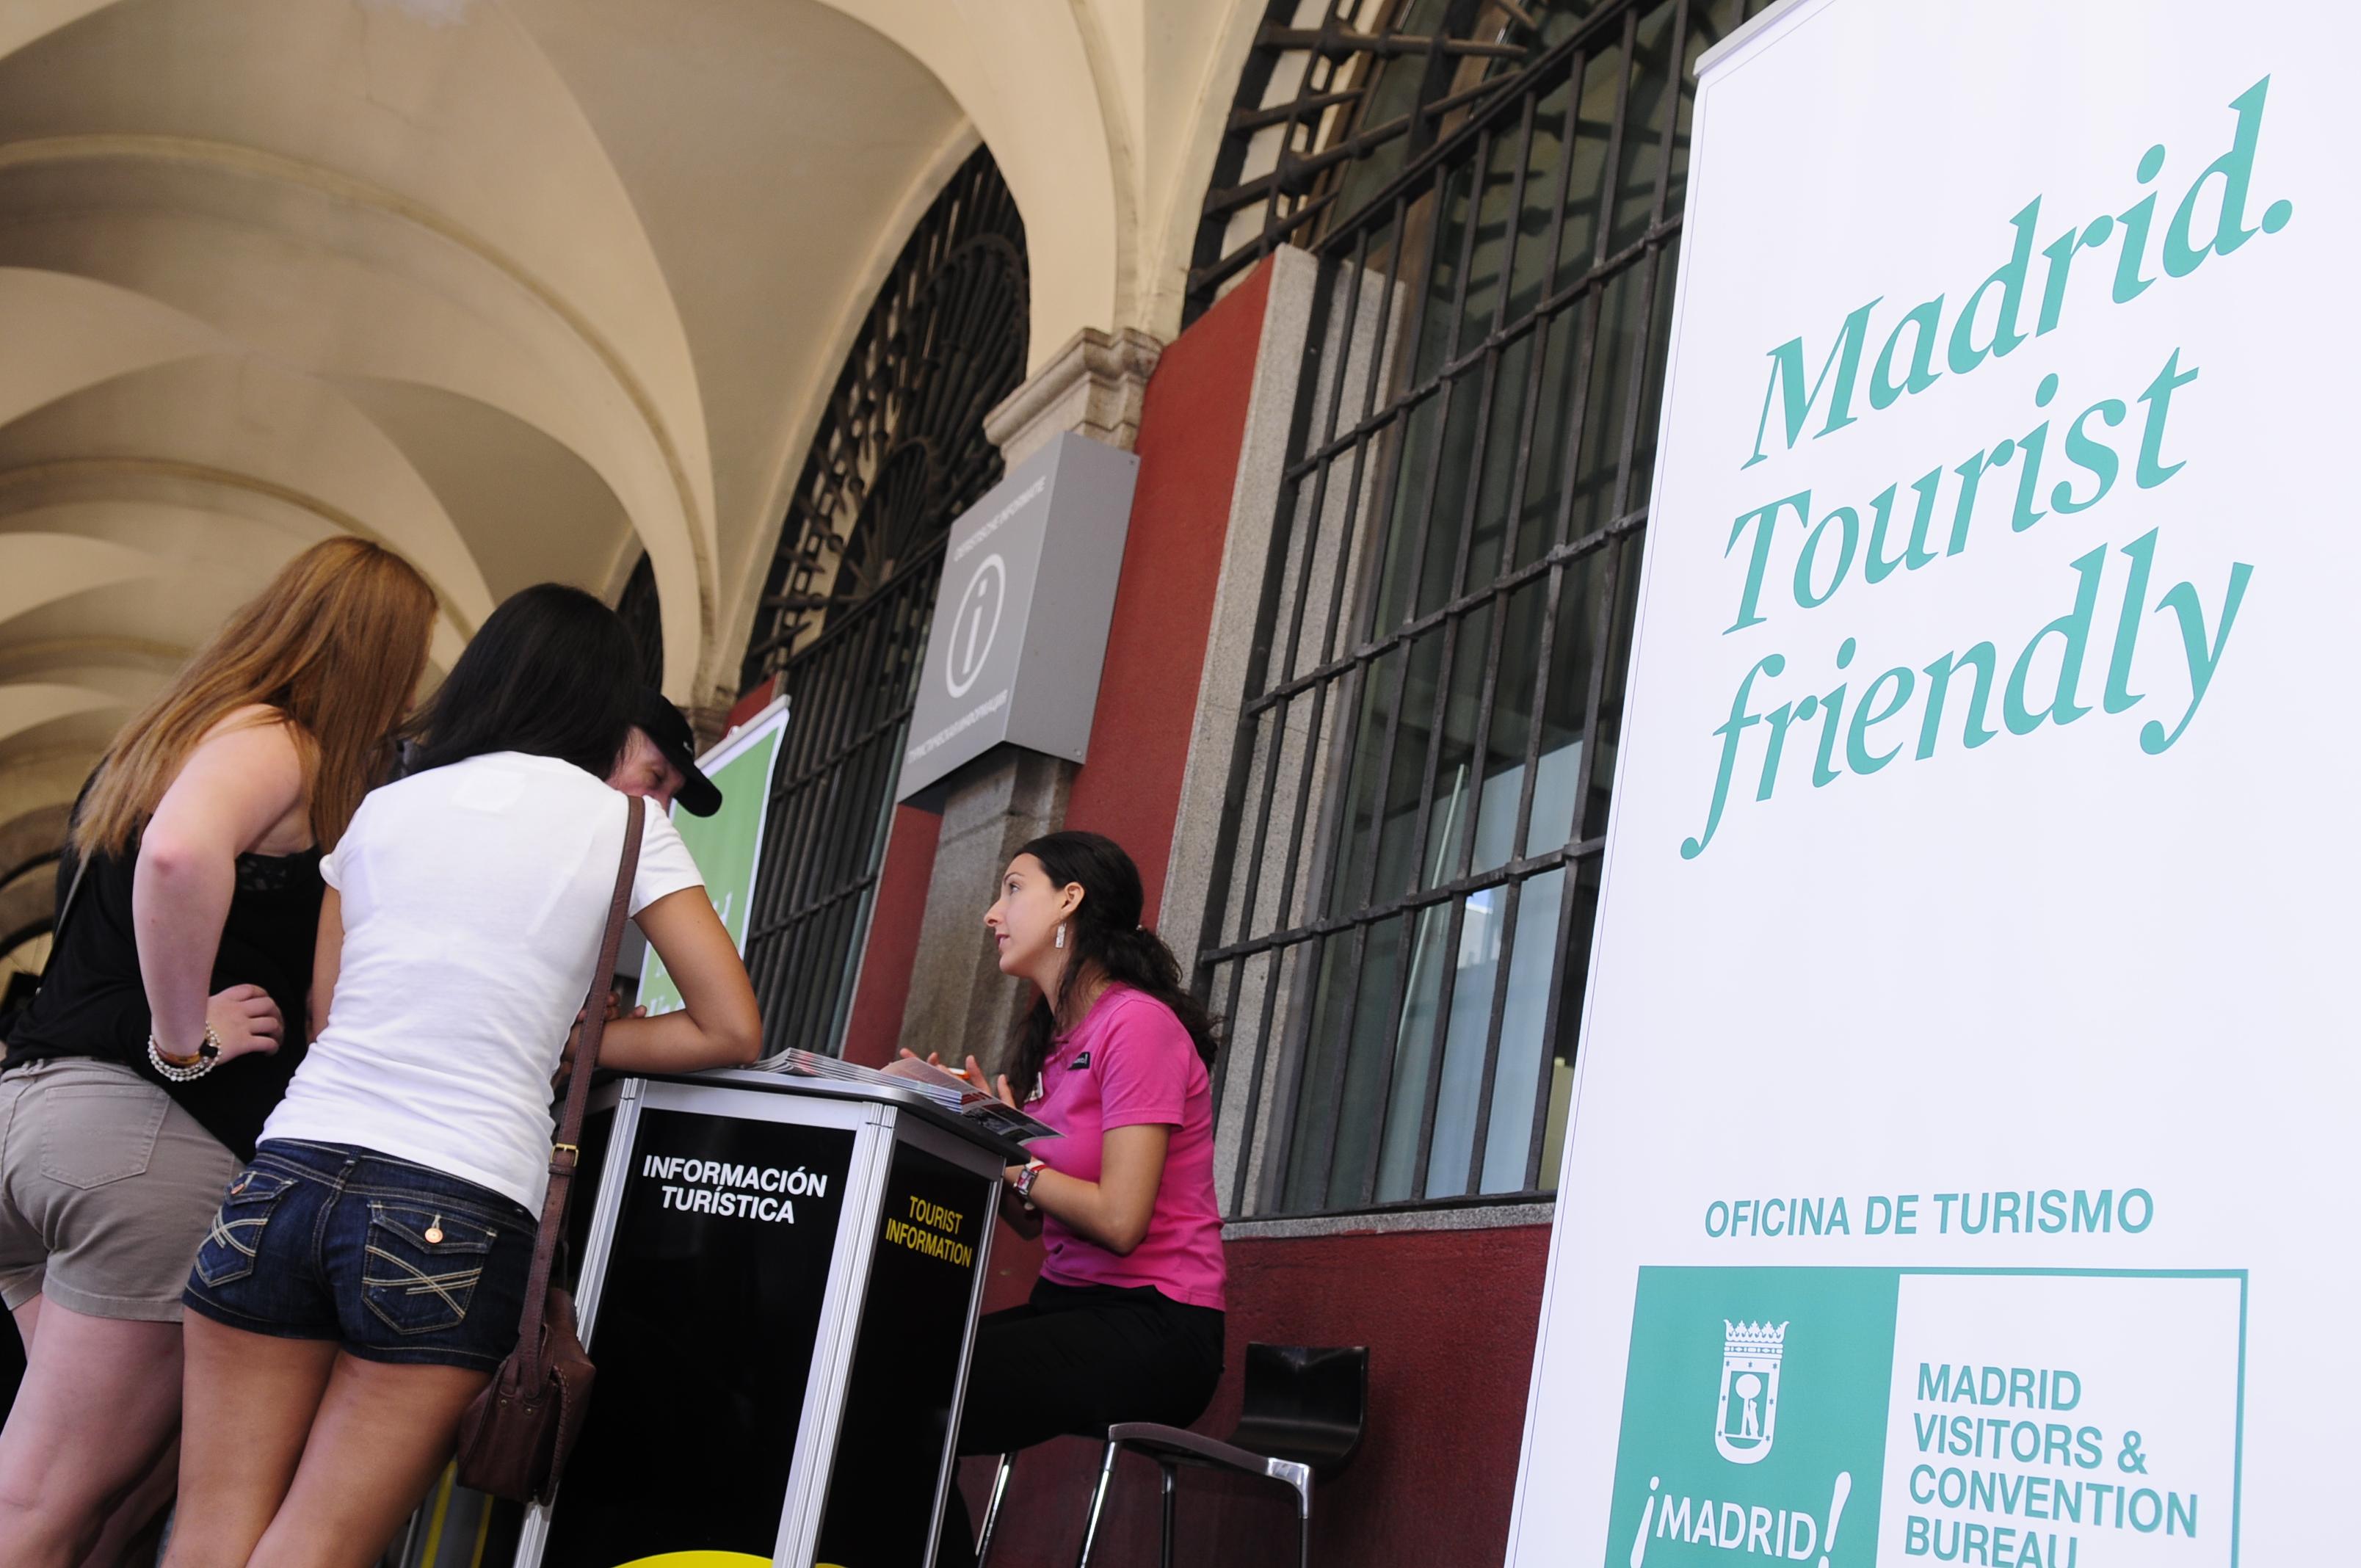 Madrid participa en la principal feria de turismo for Oficina turismo francia en madrid